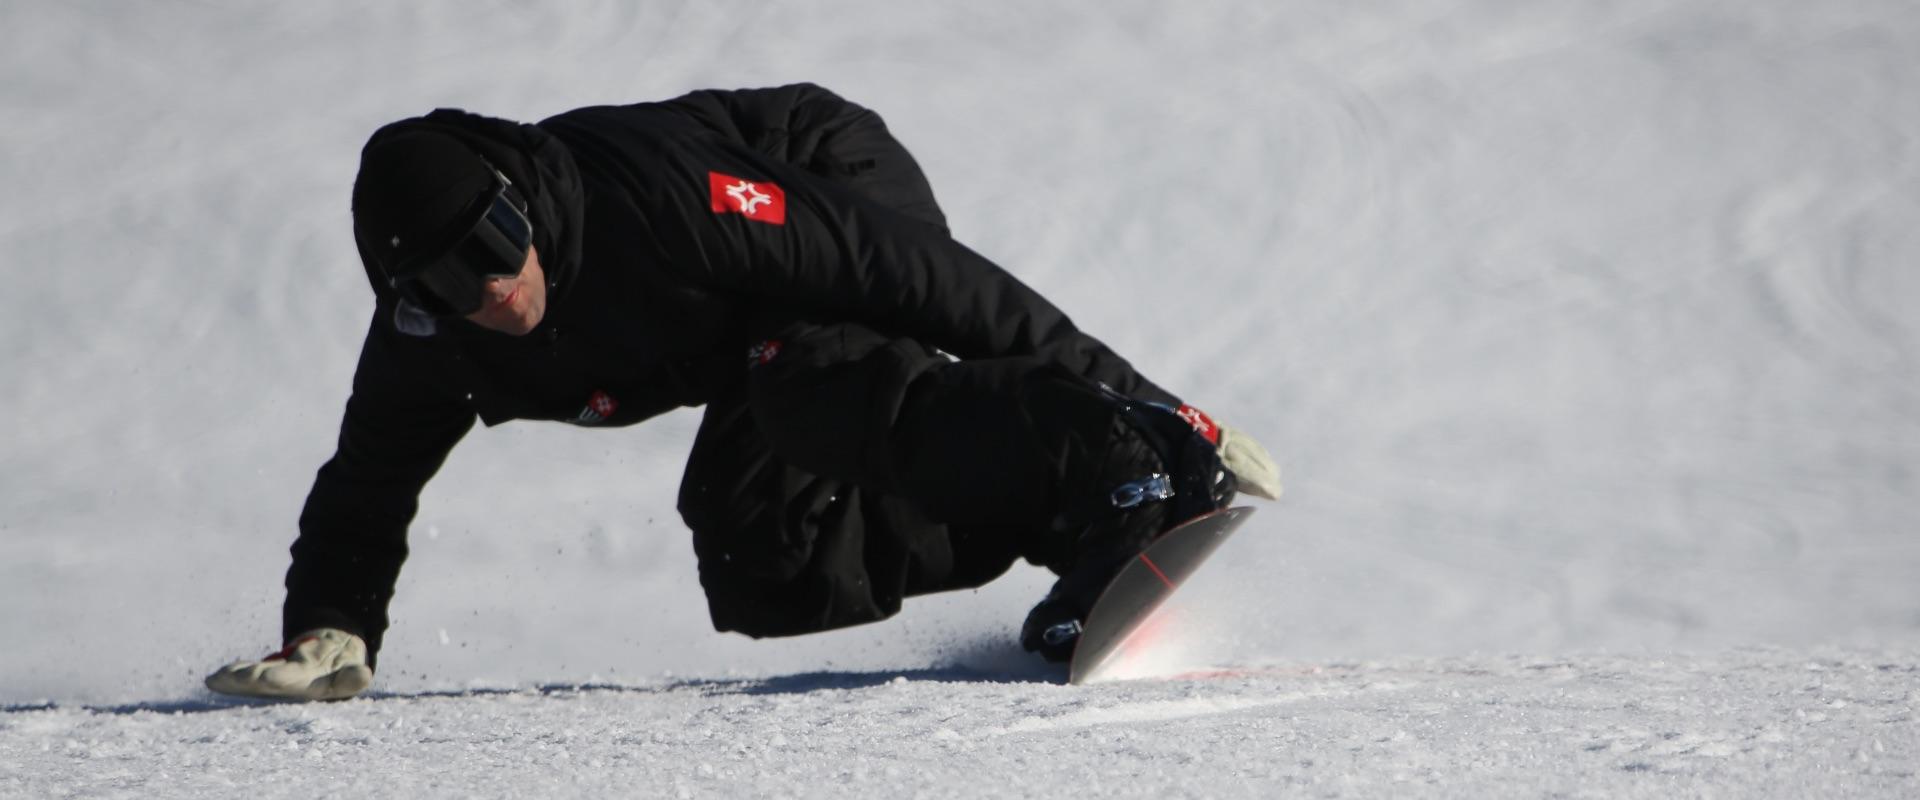 safe-formacion-tecnicos-deportivos-snowboard-2